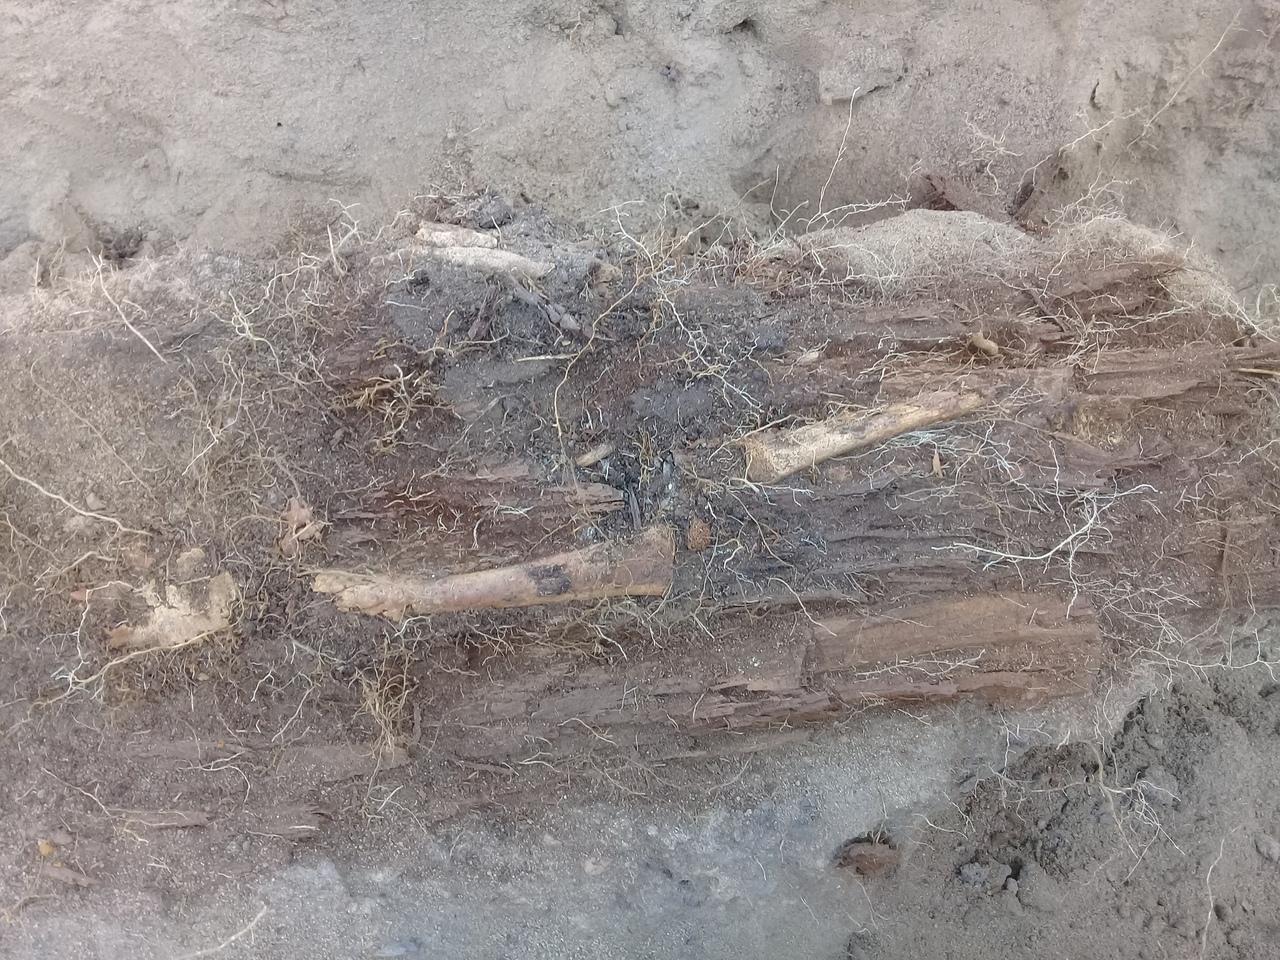 Так выглядит колода — ствол дерева, разрубленный надвое. В одной части вырубалось место для тела, вторая часть служила крышкой